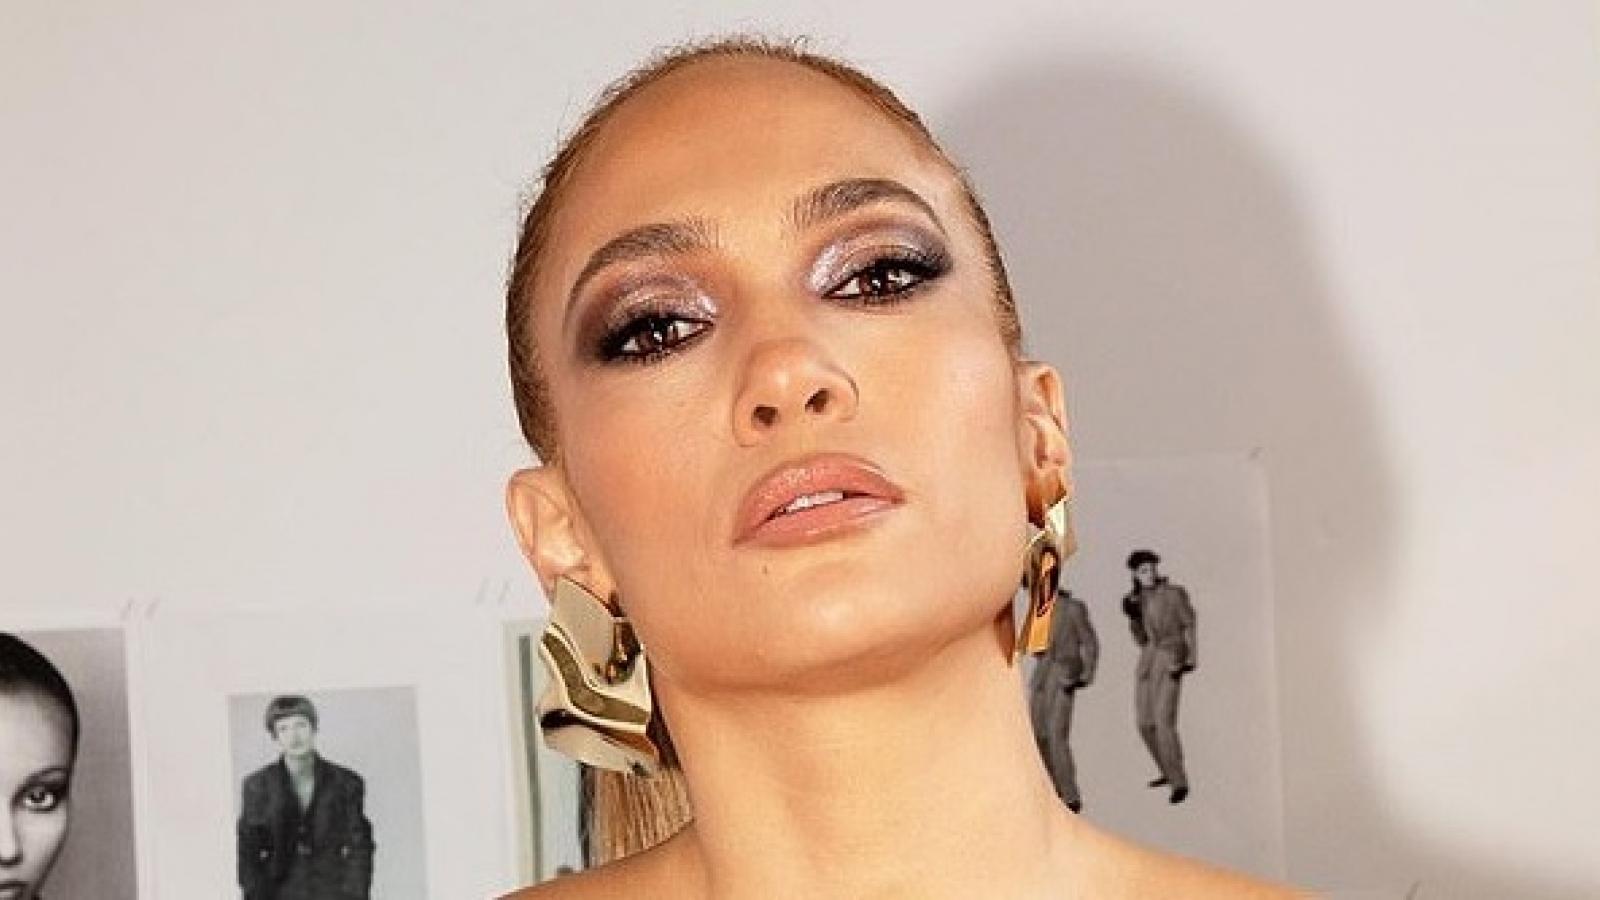 """Jennifer Lopez phô hình thể """"bốc lửa"""" đi xem show thời trang ở Pháp"""